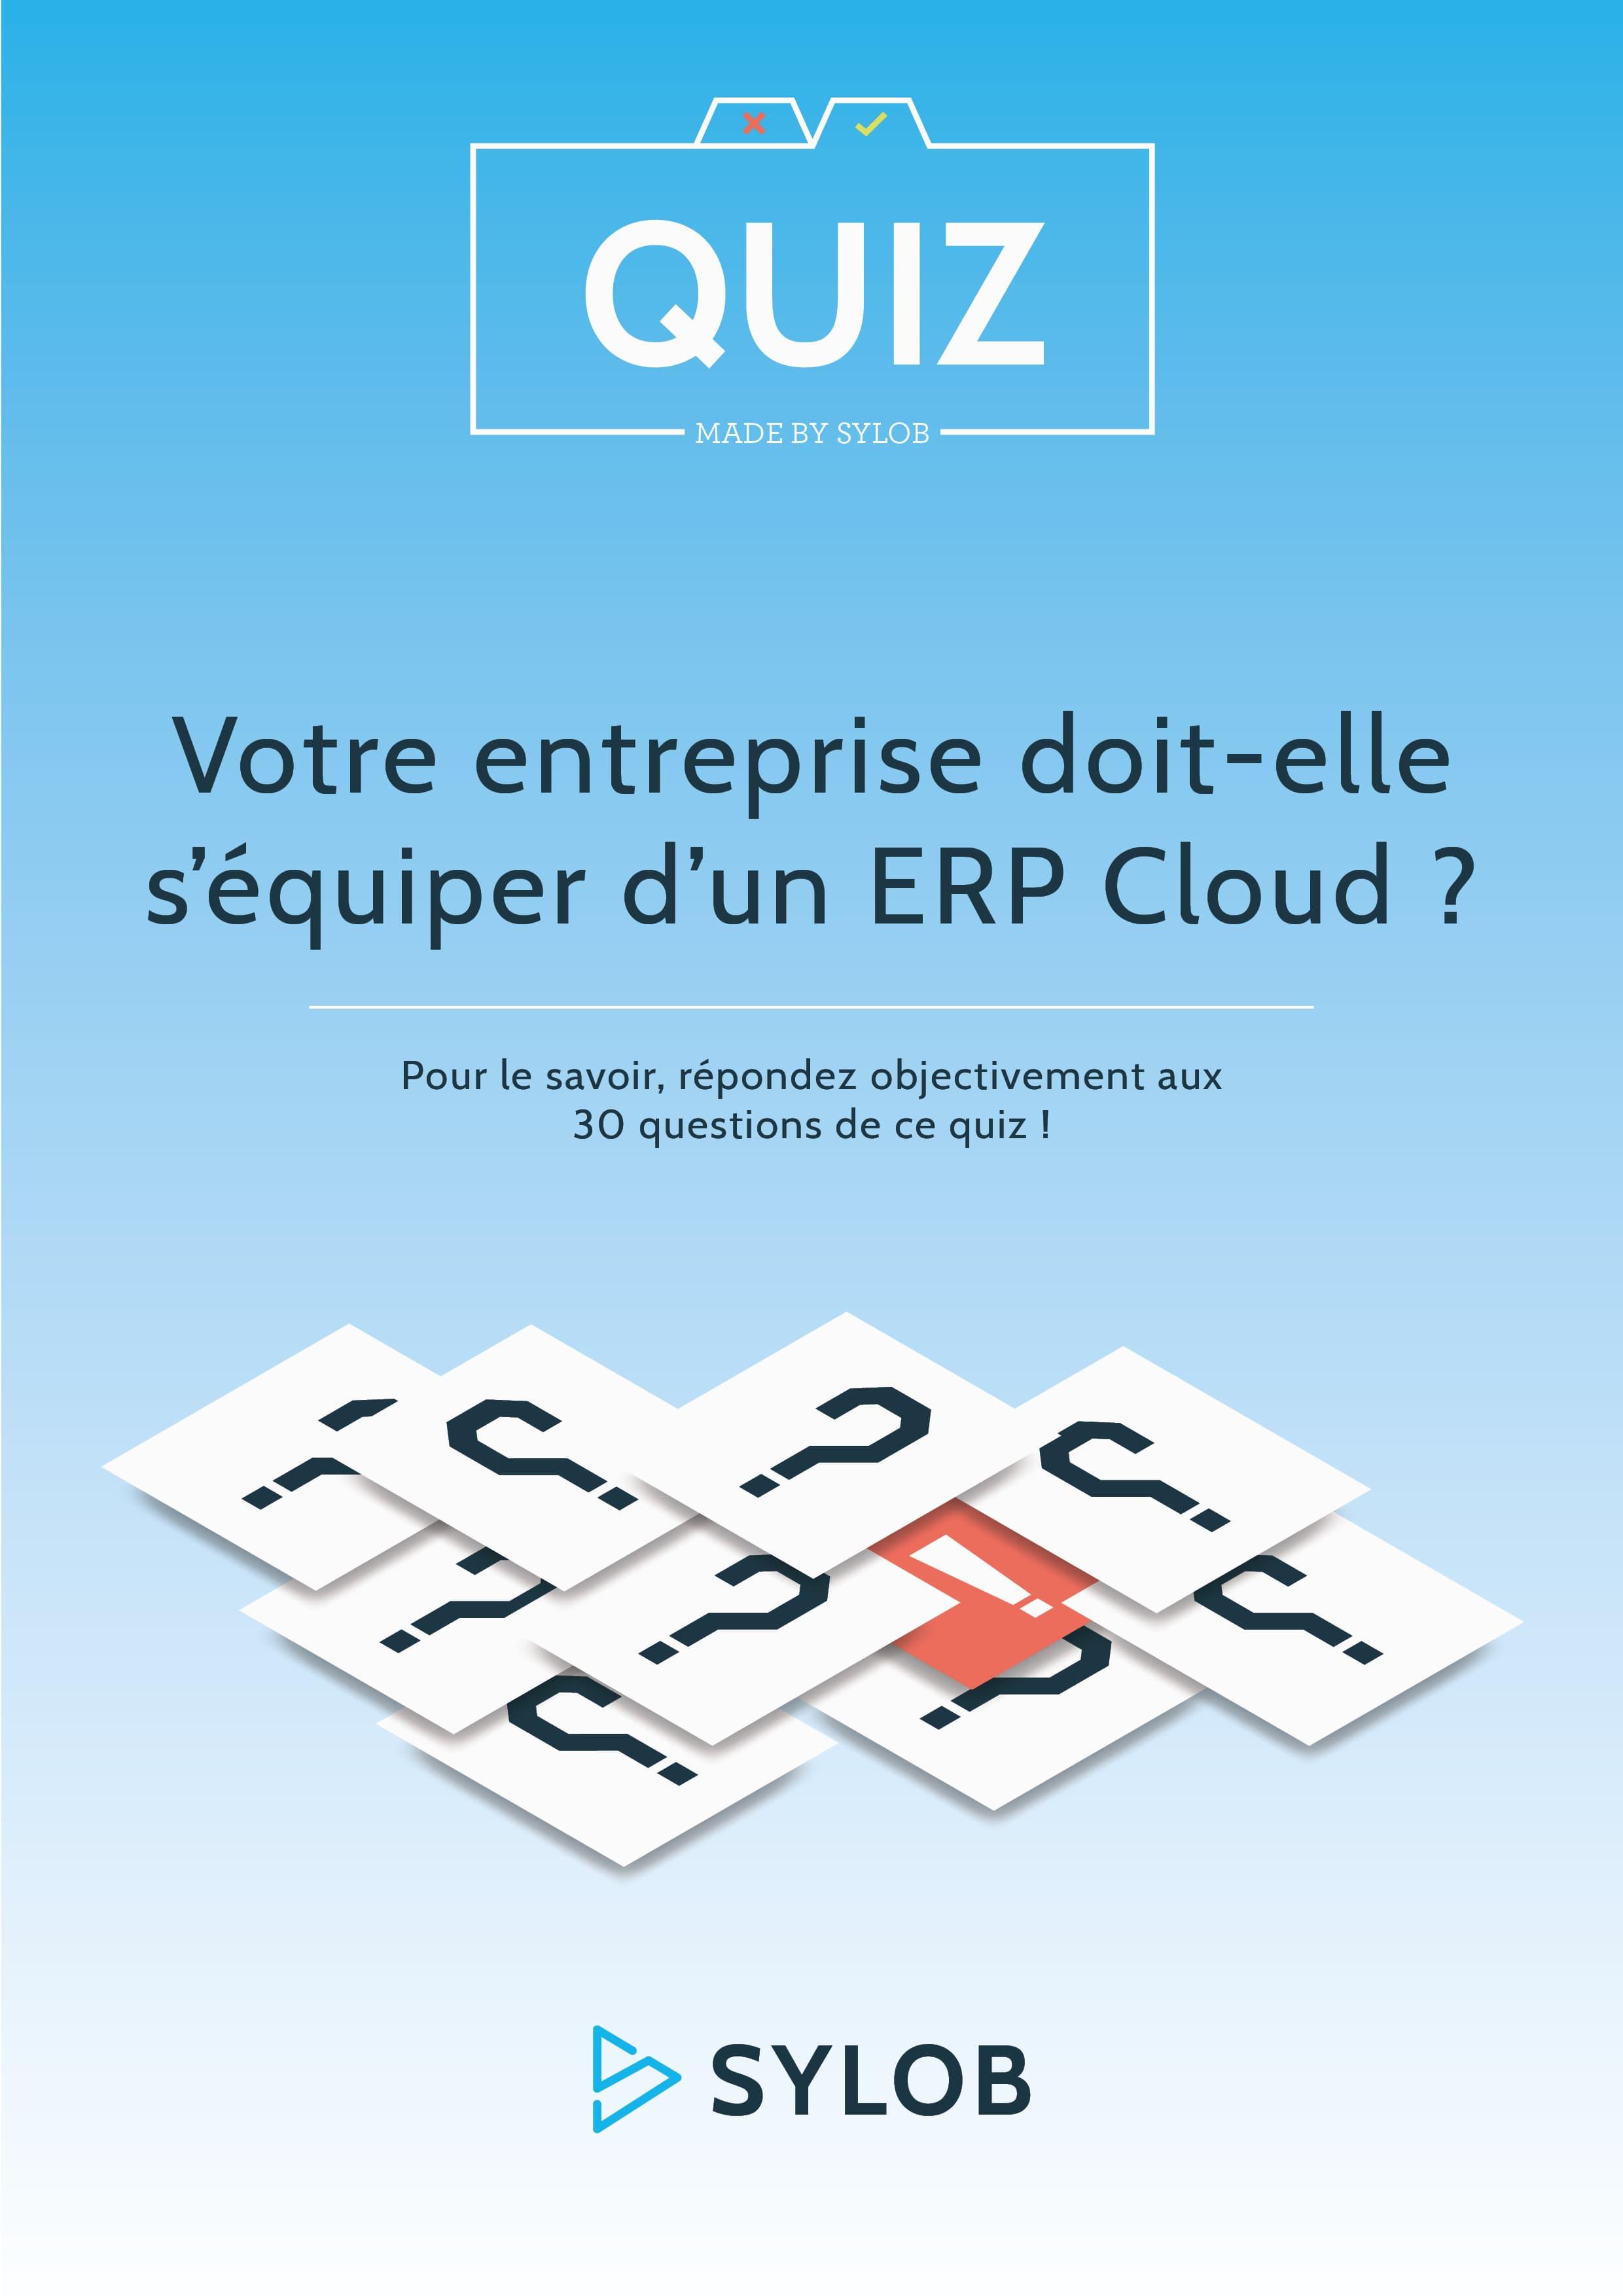 QUIZ - Votre entreprise doit-elle s équiper d un ERP Cloud-Sylob